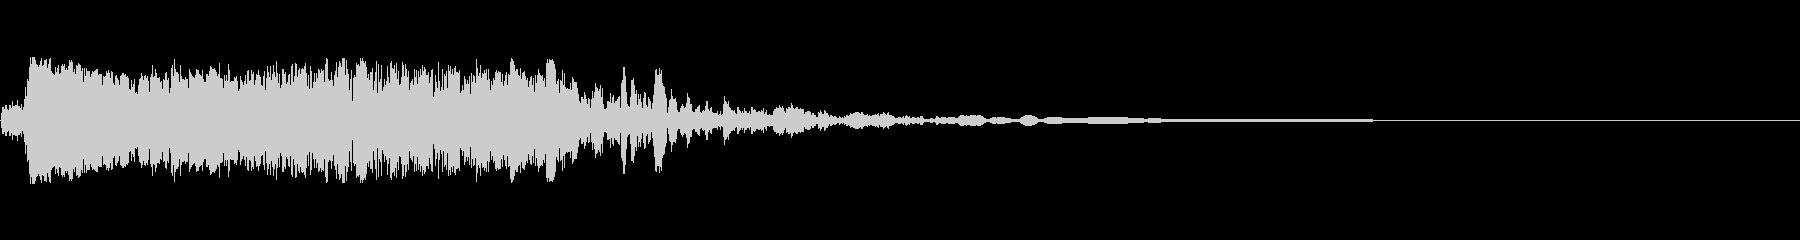 インパクトストップ2の未再生の波形